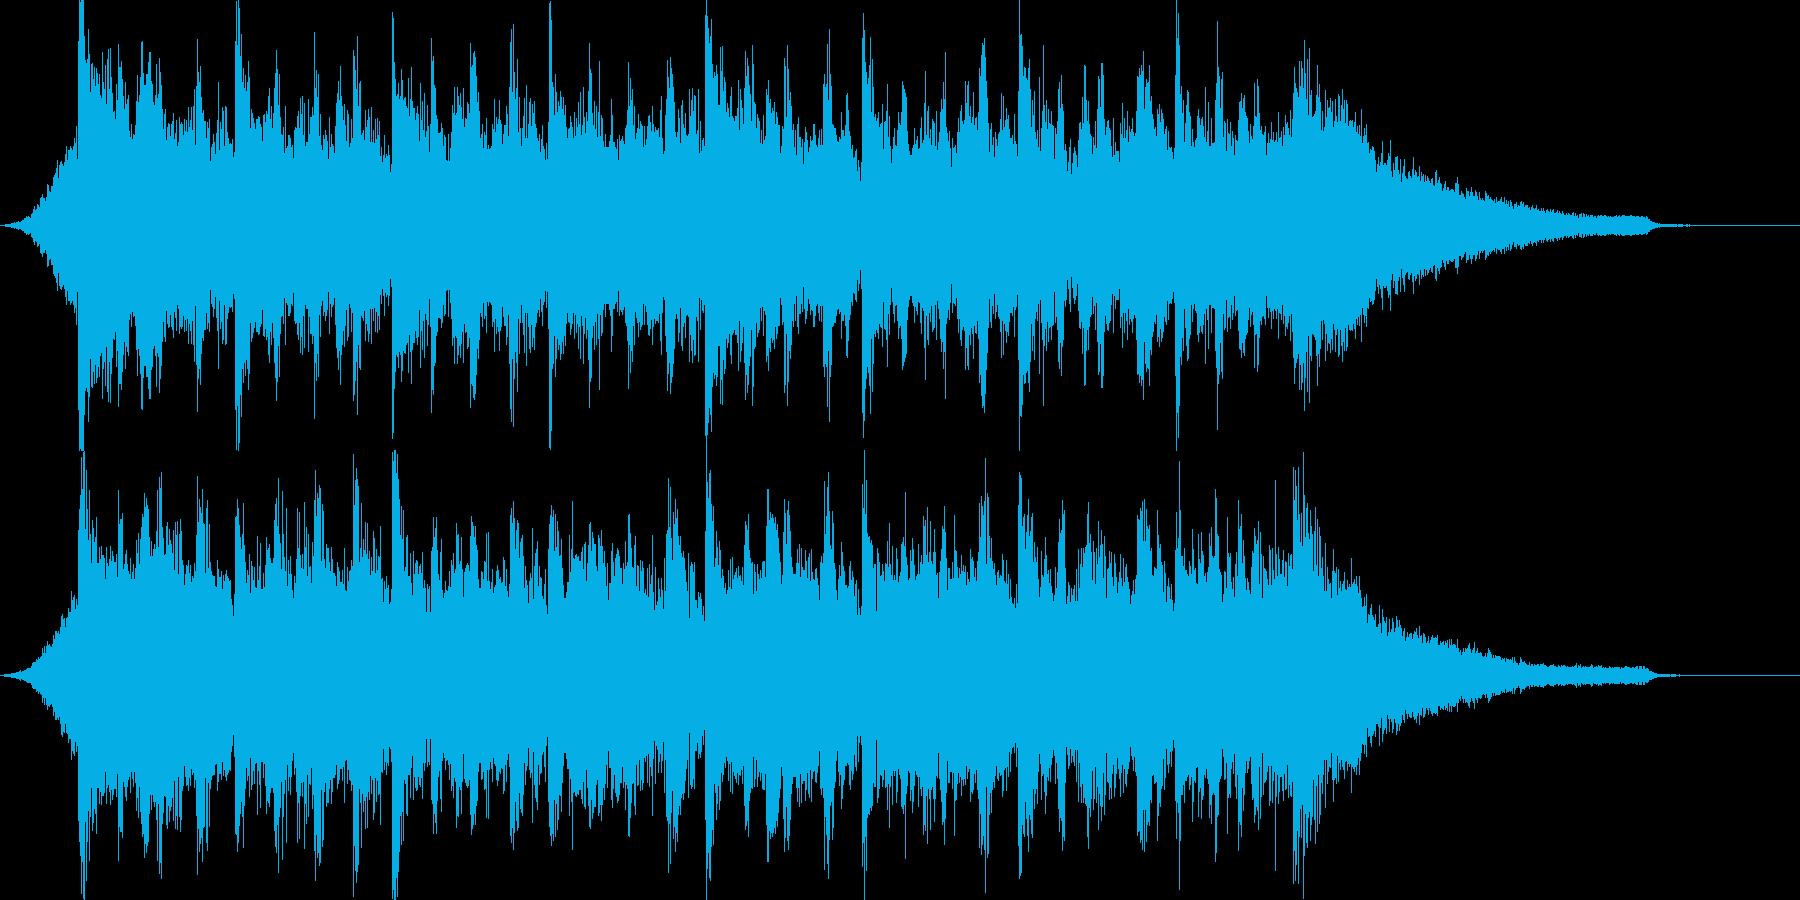 企業VPや映像46、壮大、オーケストラcの再生済みの波形